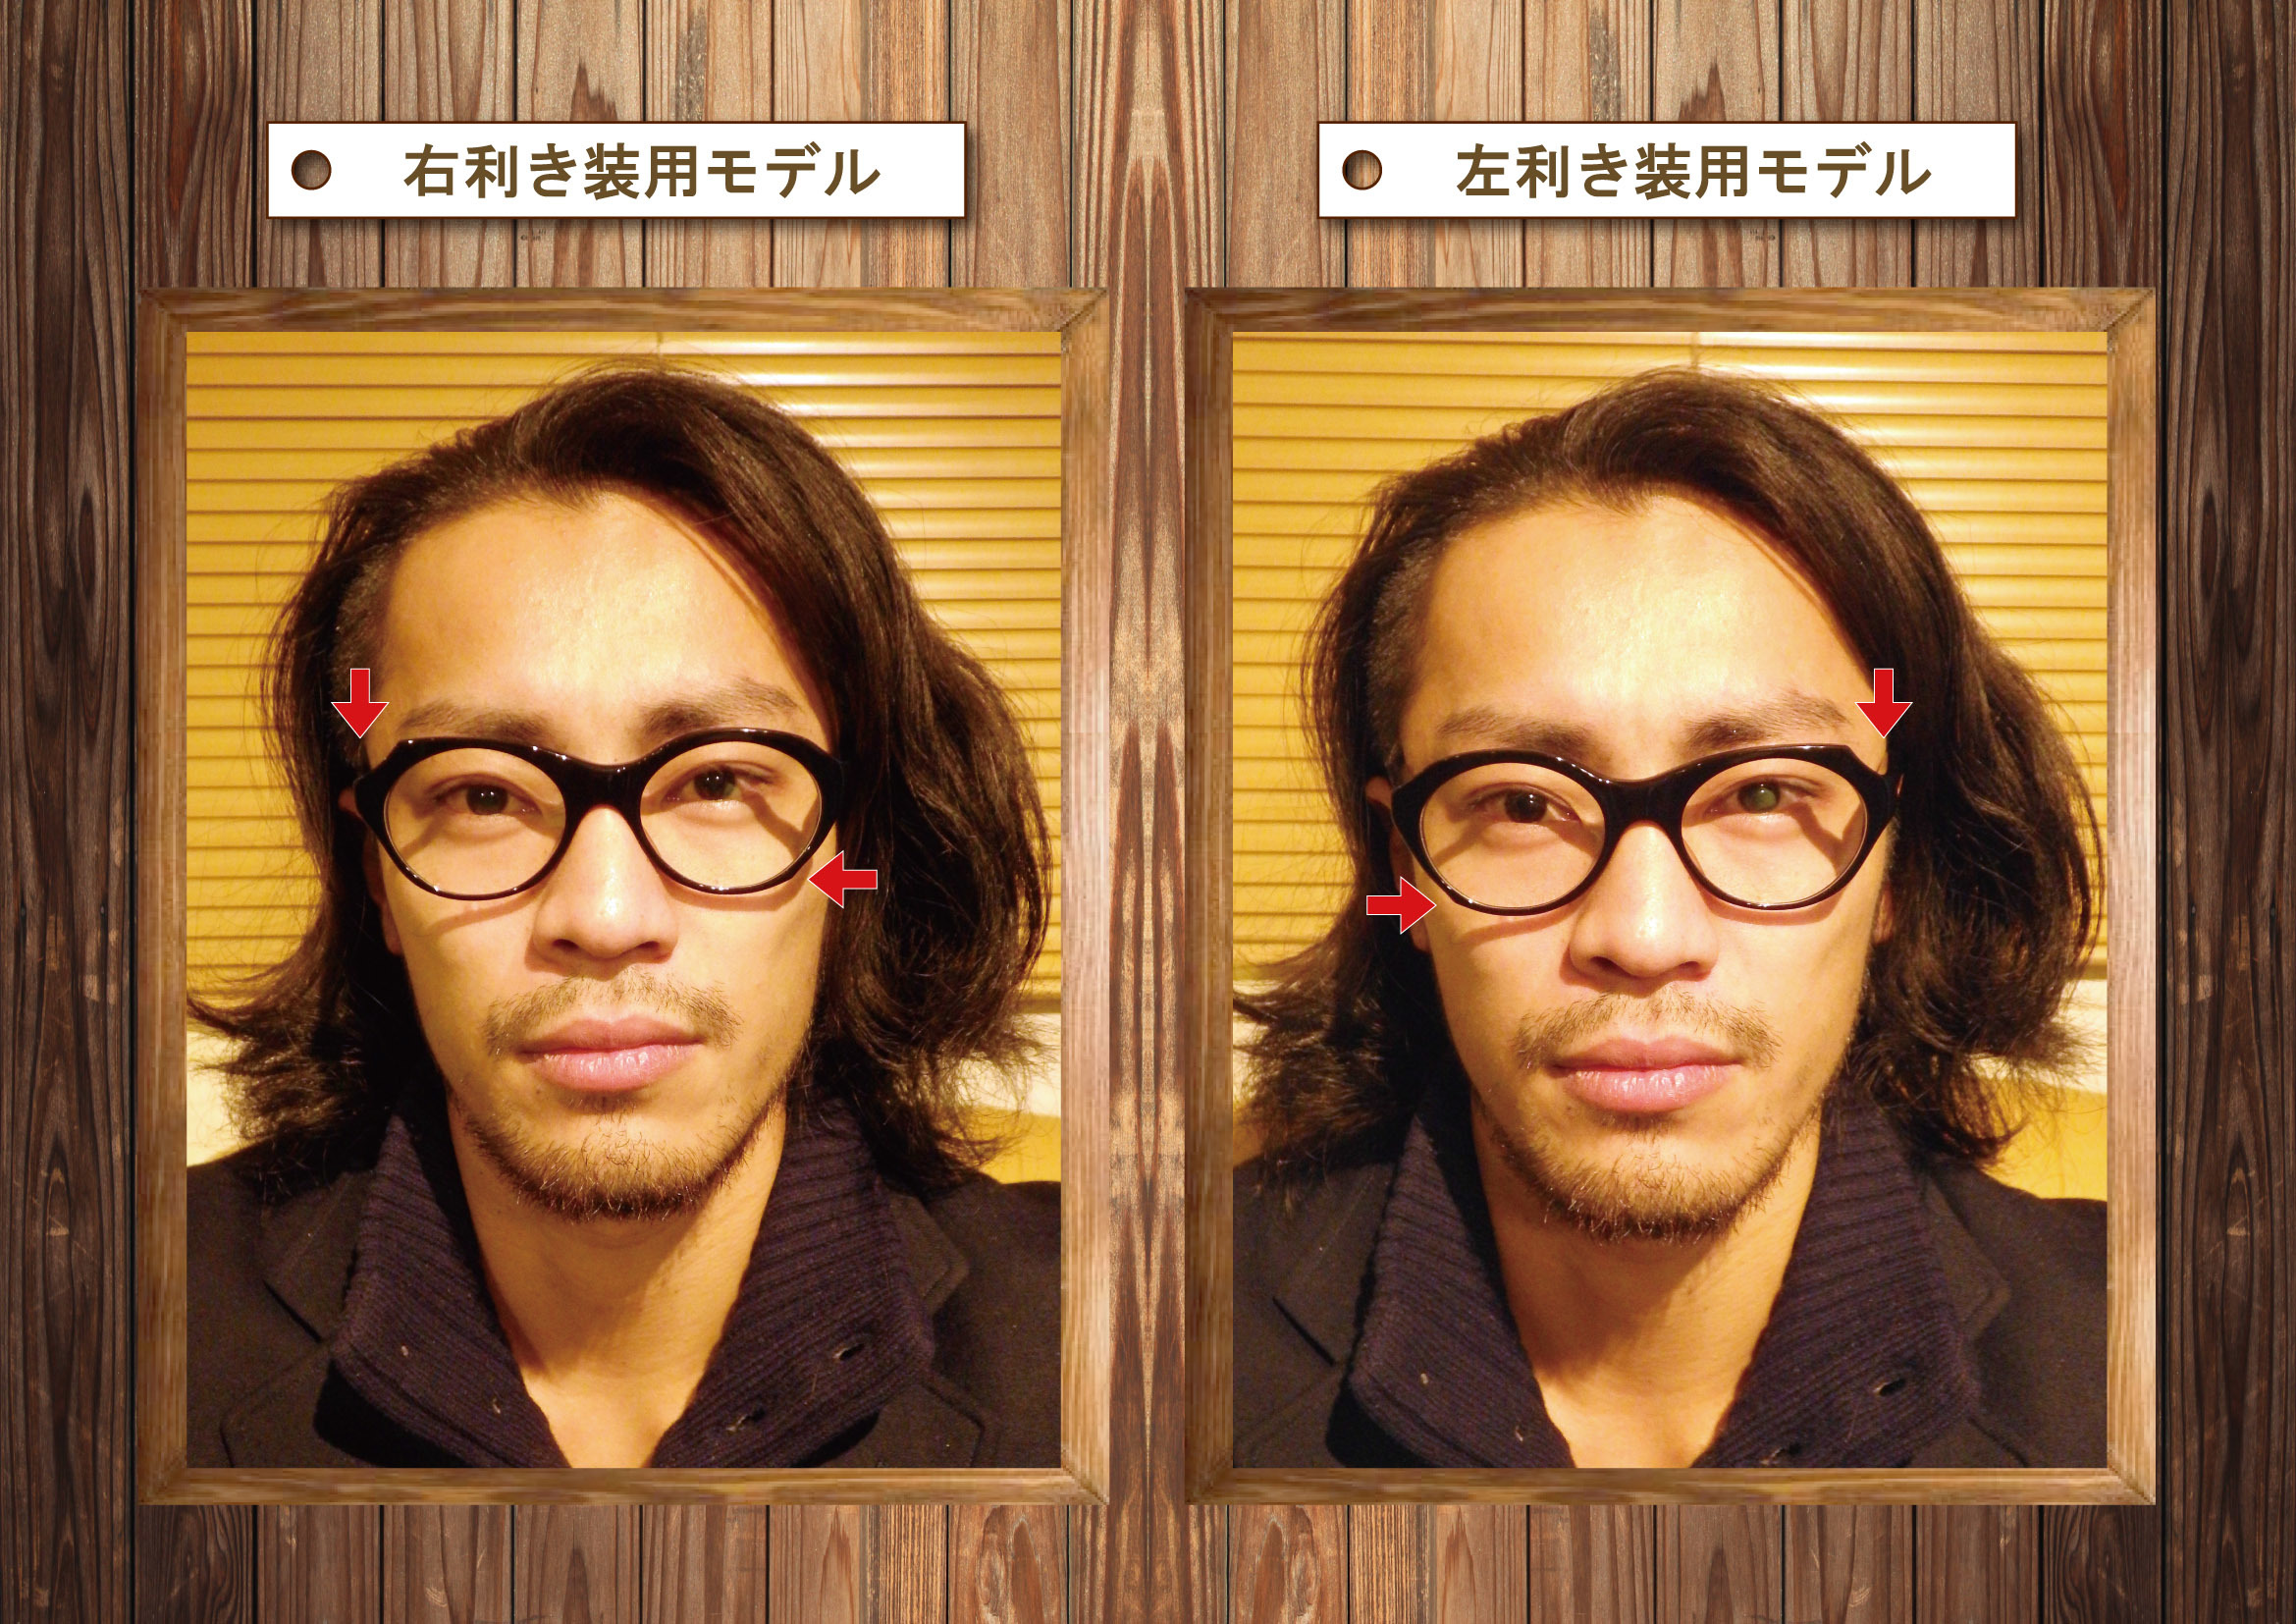 左右非対称メガネ装用